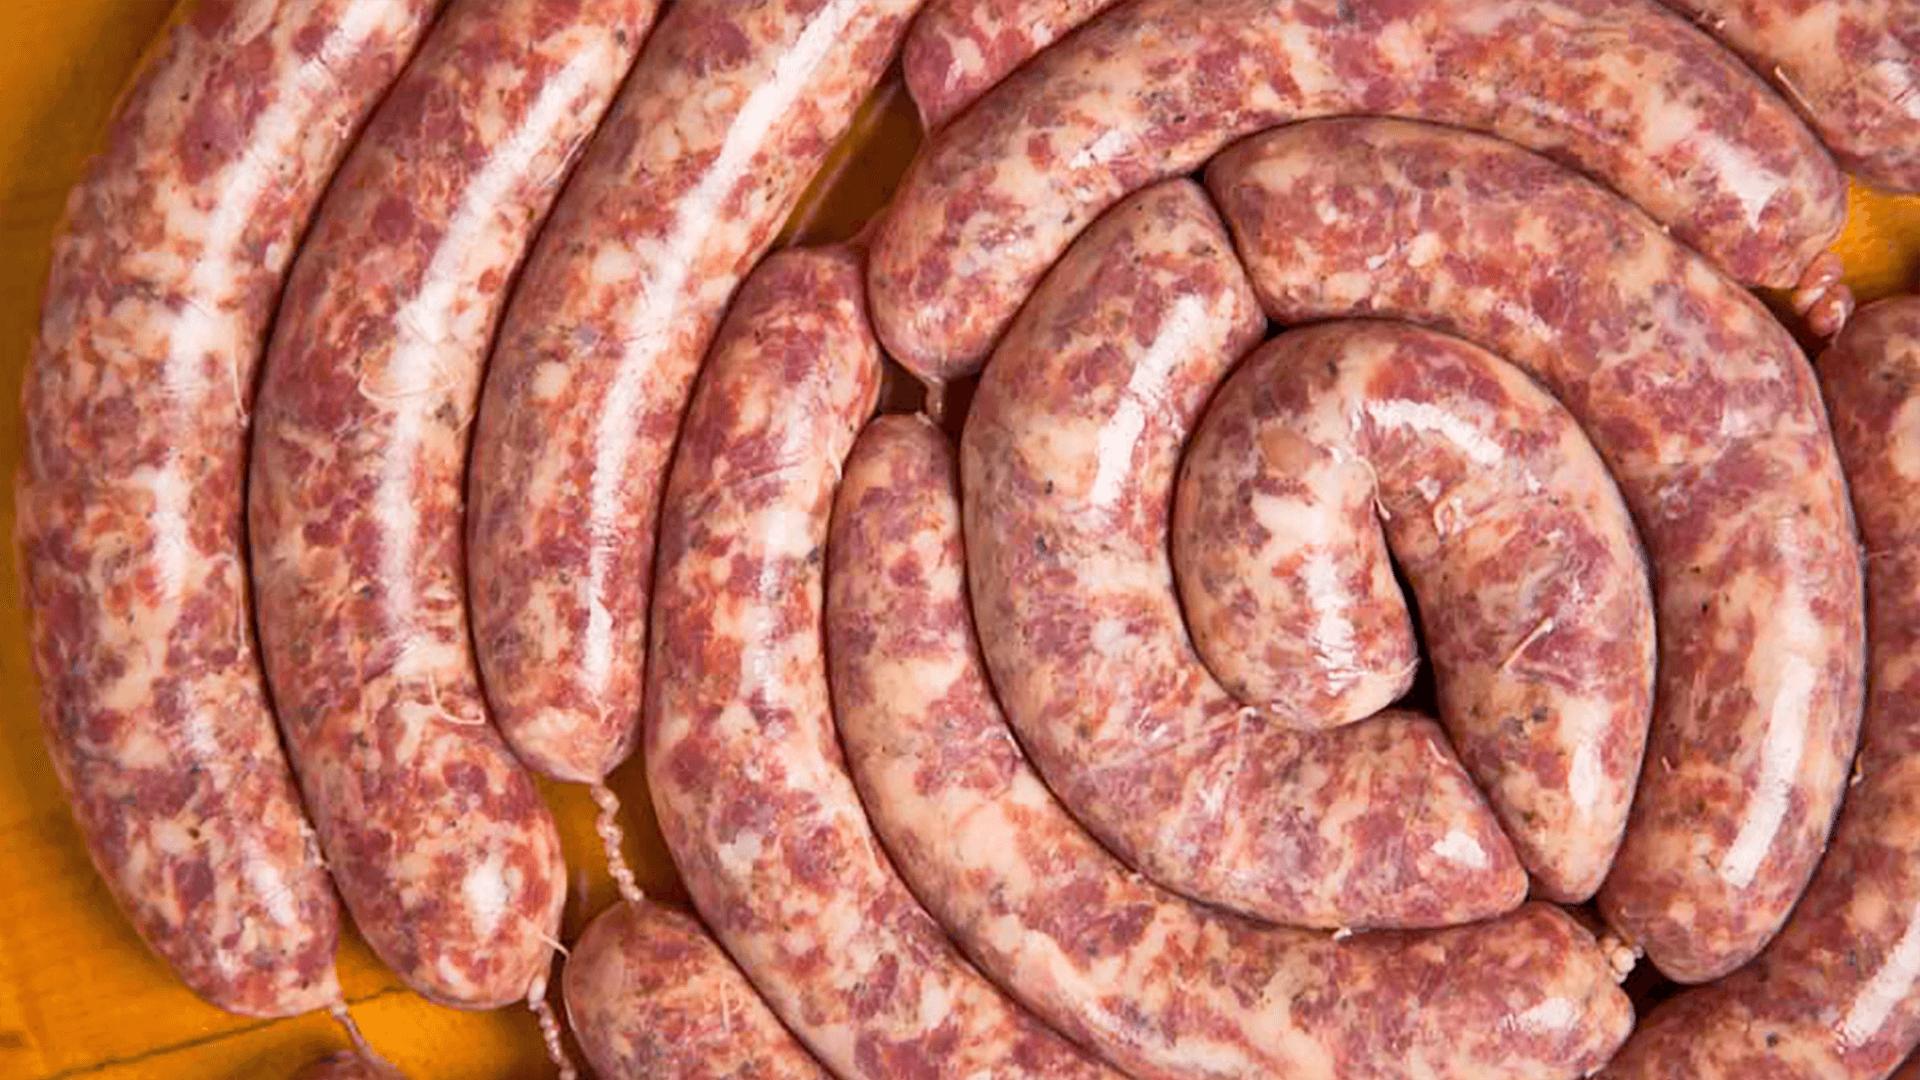 Raw Italian Sausage Links